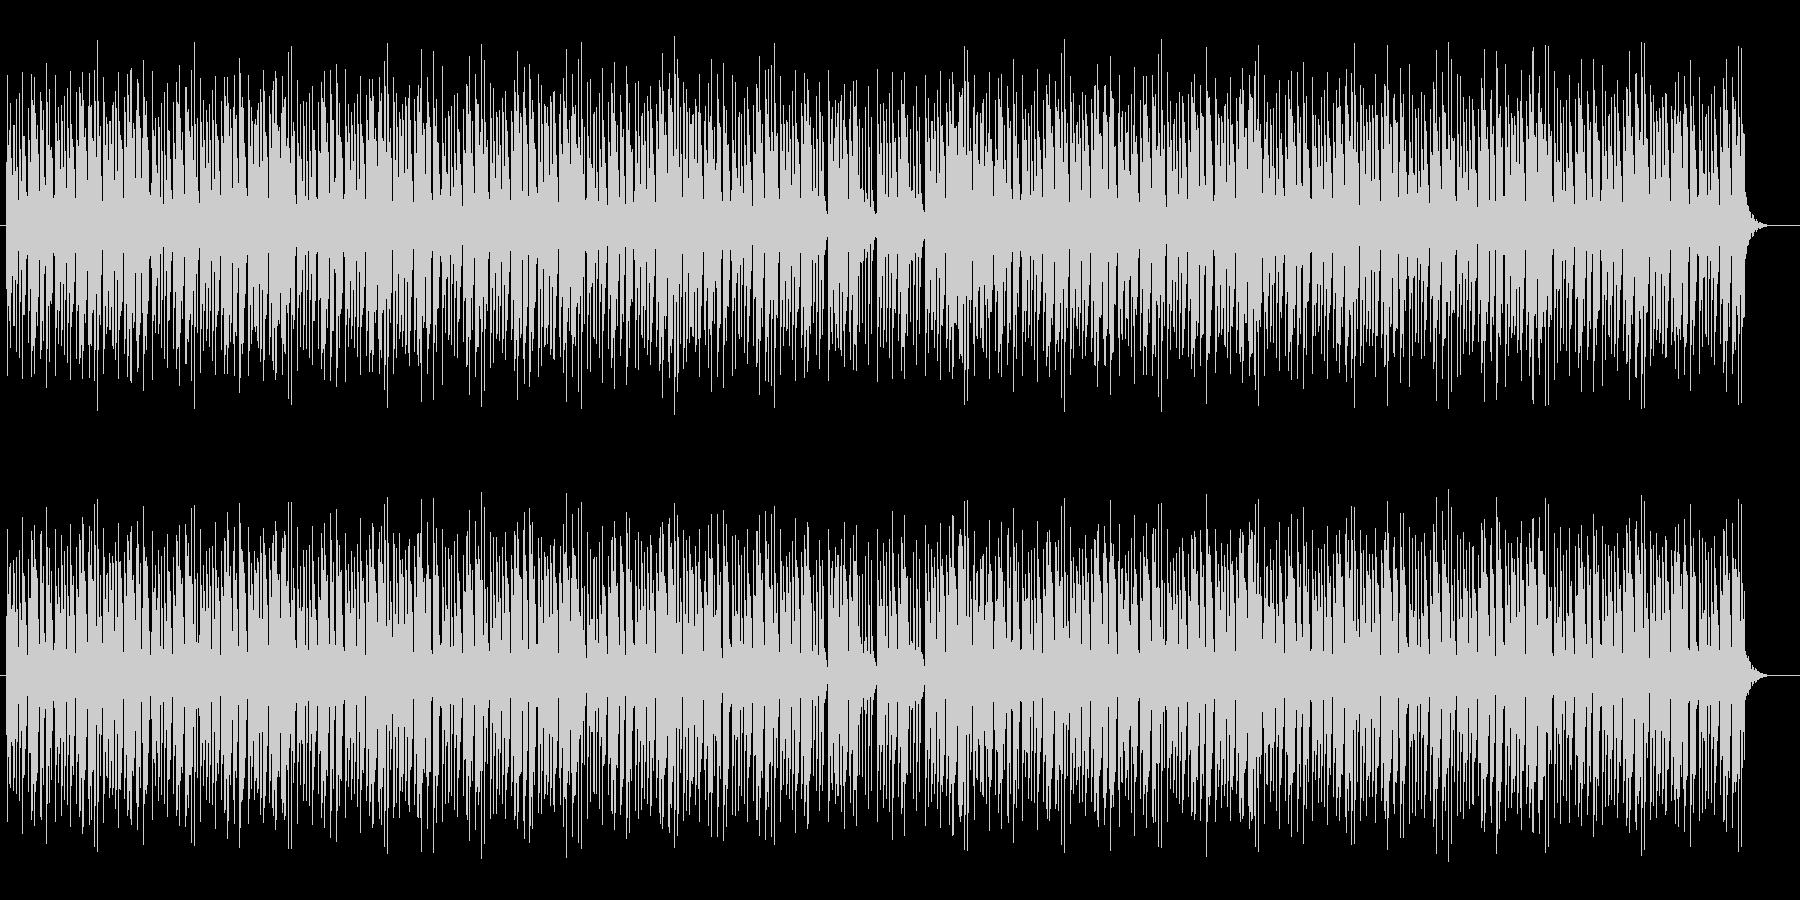 オルガンによるボサノバの未再生の波形